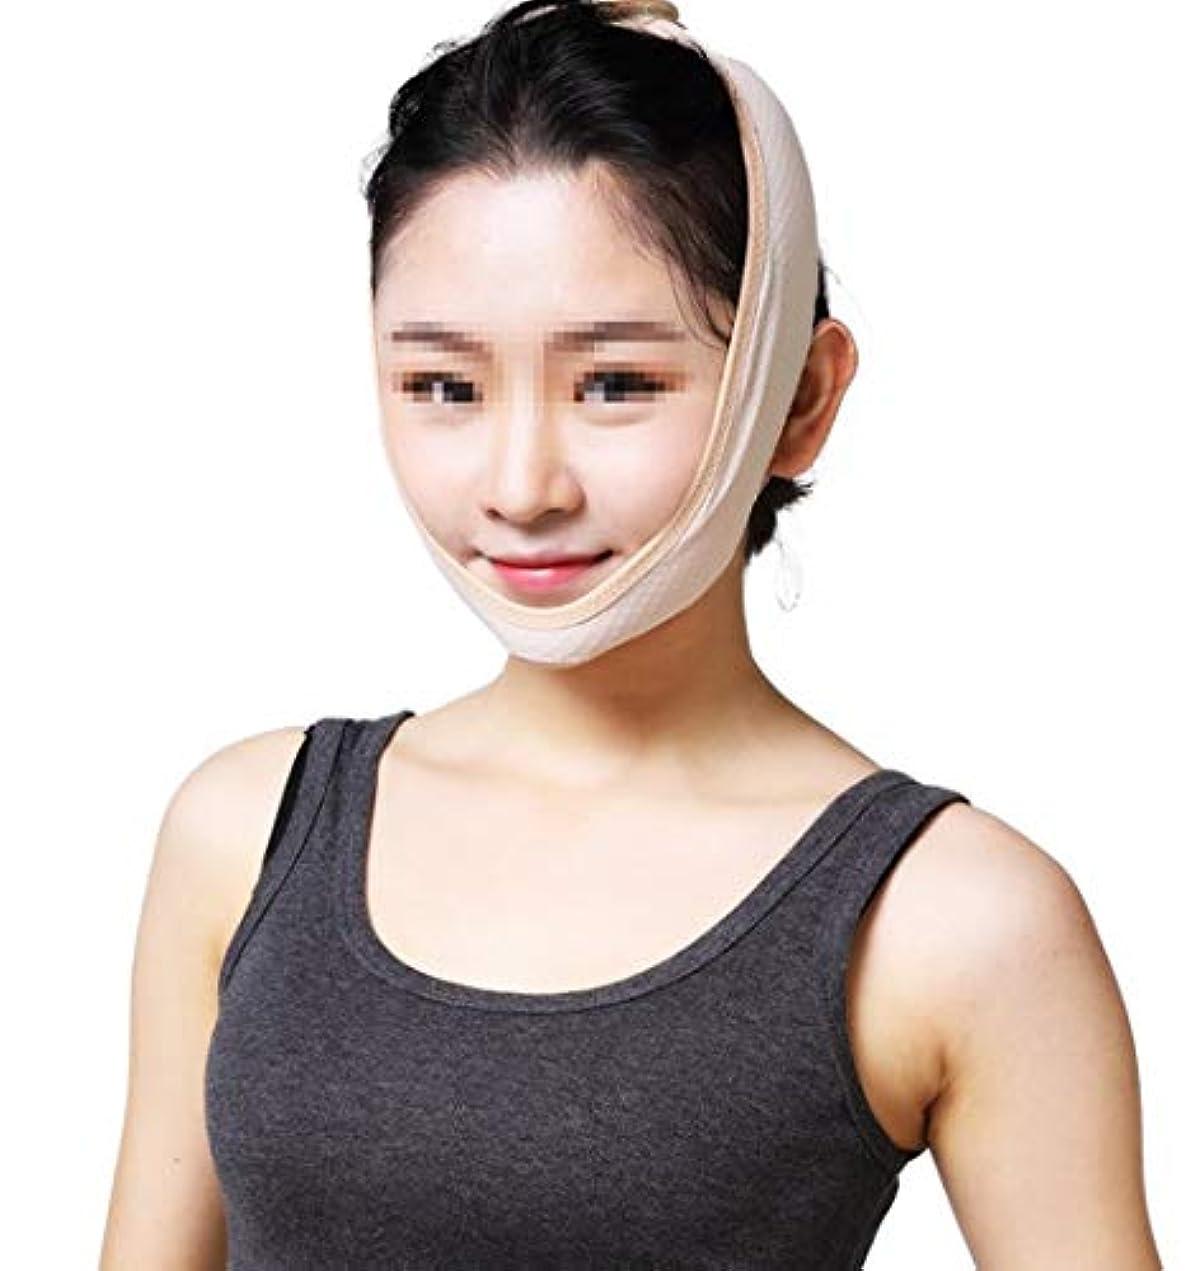 珍しいあそこポルティコ顔を持ち上げる包帯、口を開けて眠るのを防ぐための女性の通気性いびきベルトいびきアーチファクト抗あご転位矯正包帯いびき装置